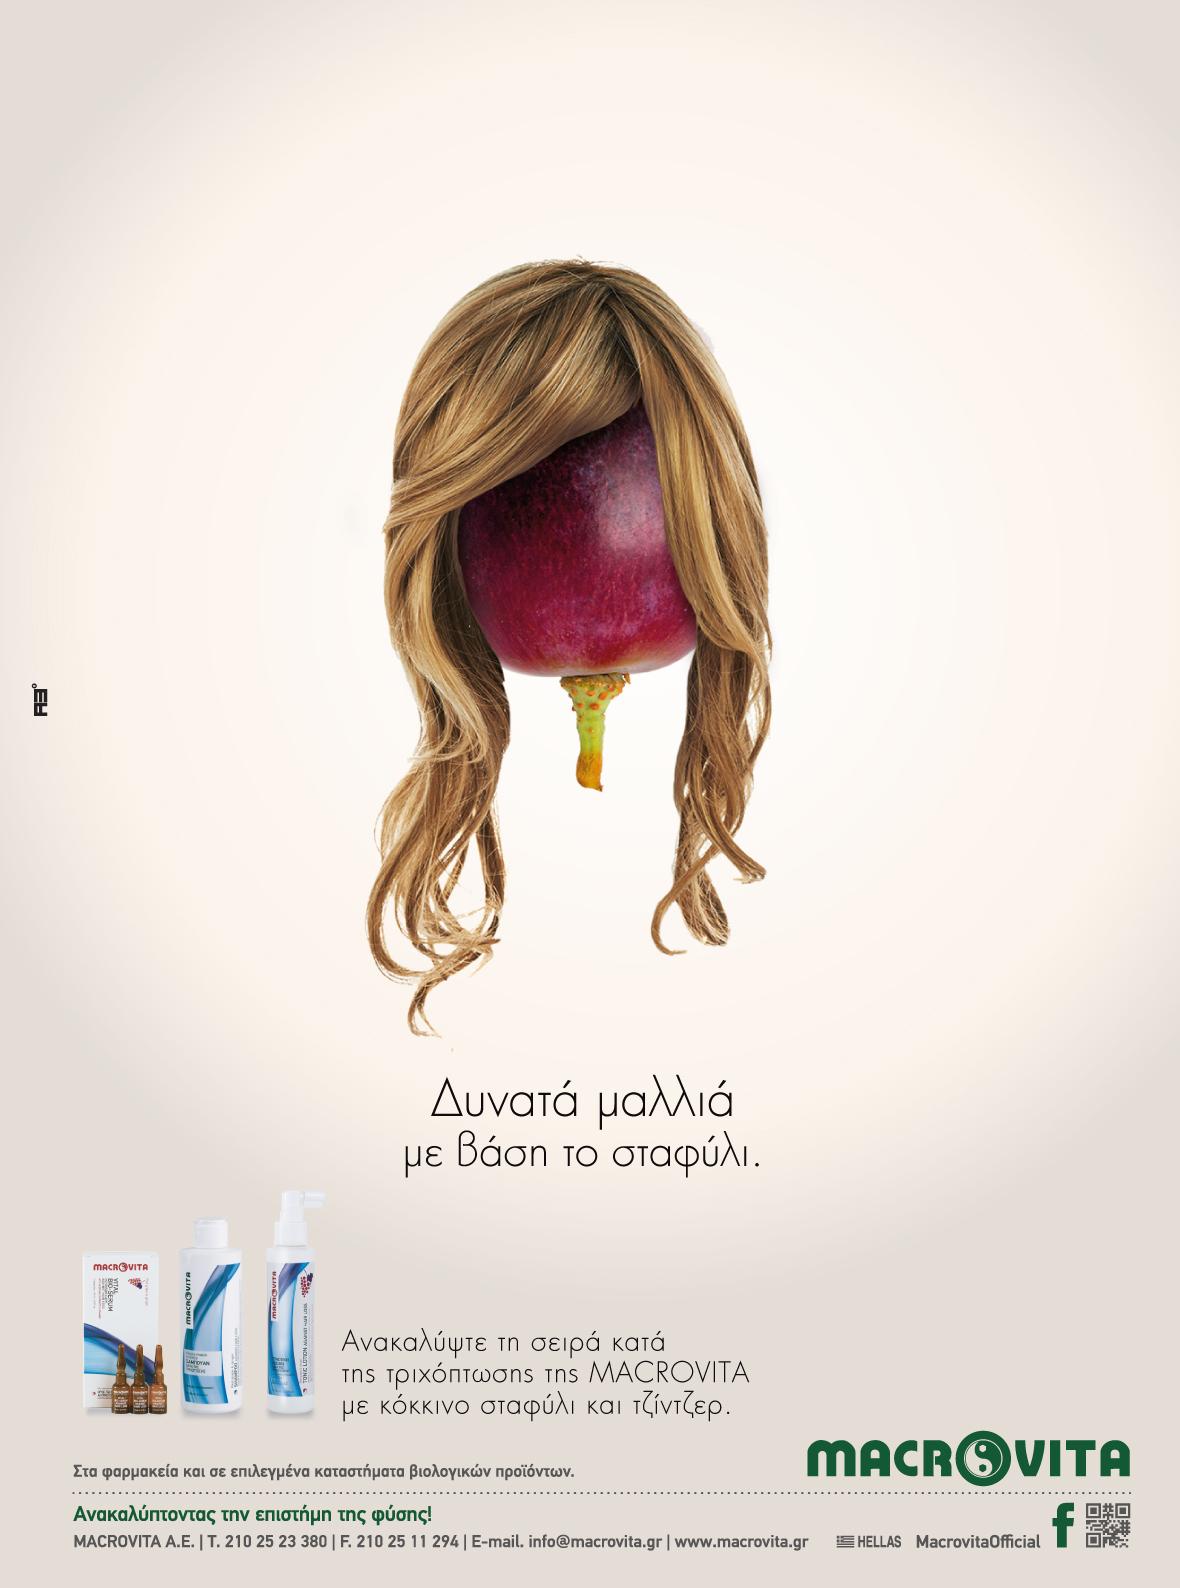 A3-CREATIVE-MACROVITA-HAIR-AD